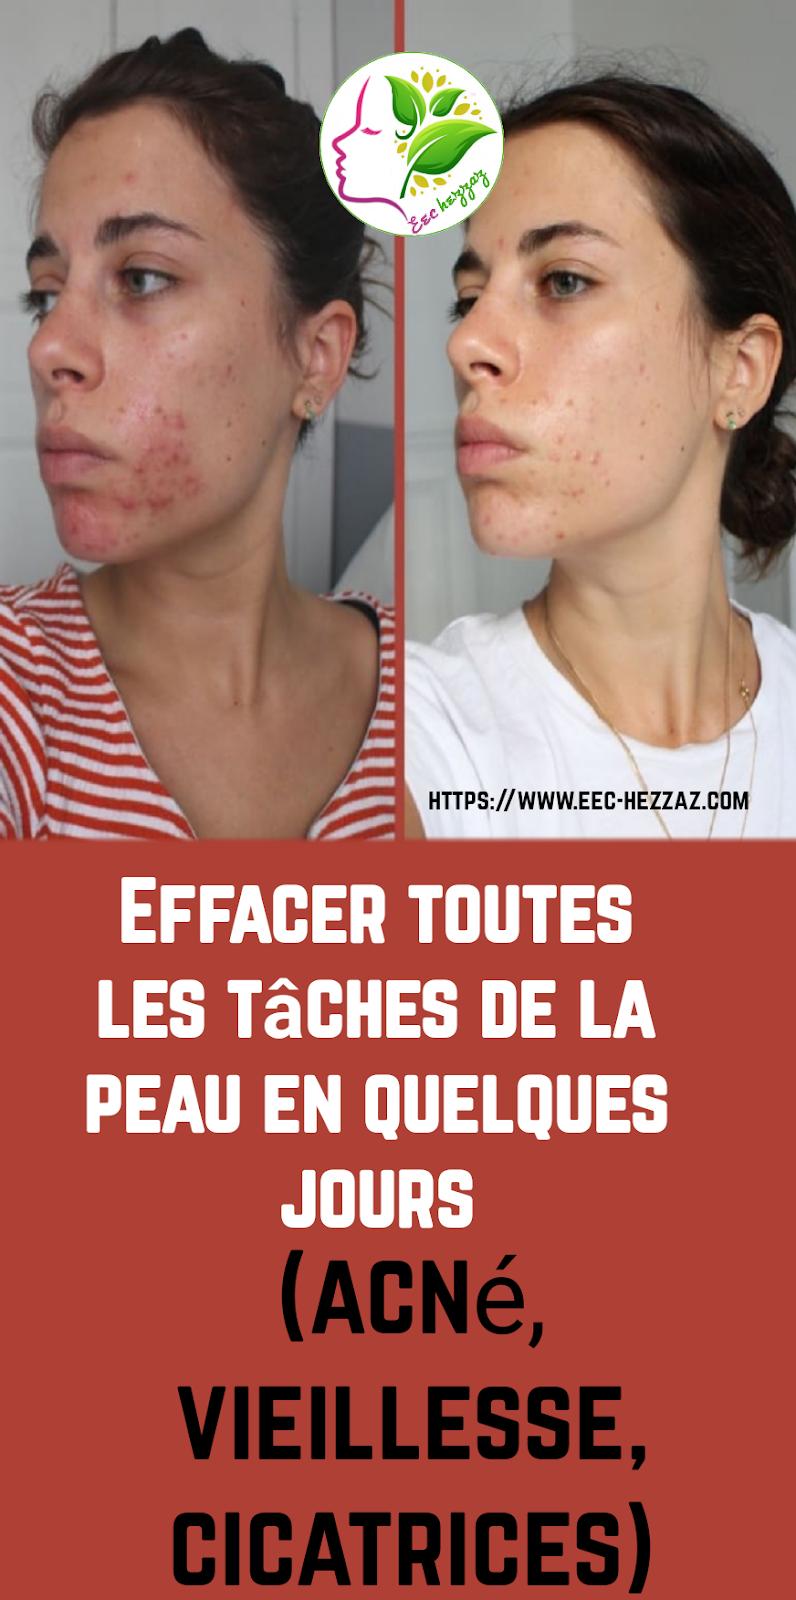 Effacer toutes les tâches de la peau en quelques jours (acné, vieillesse, cicatrices)